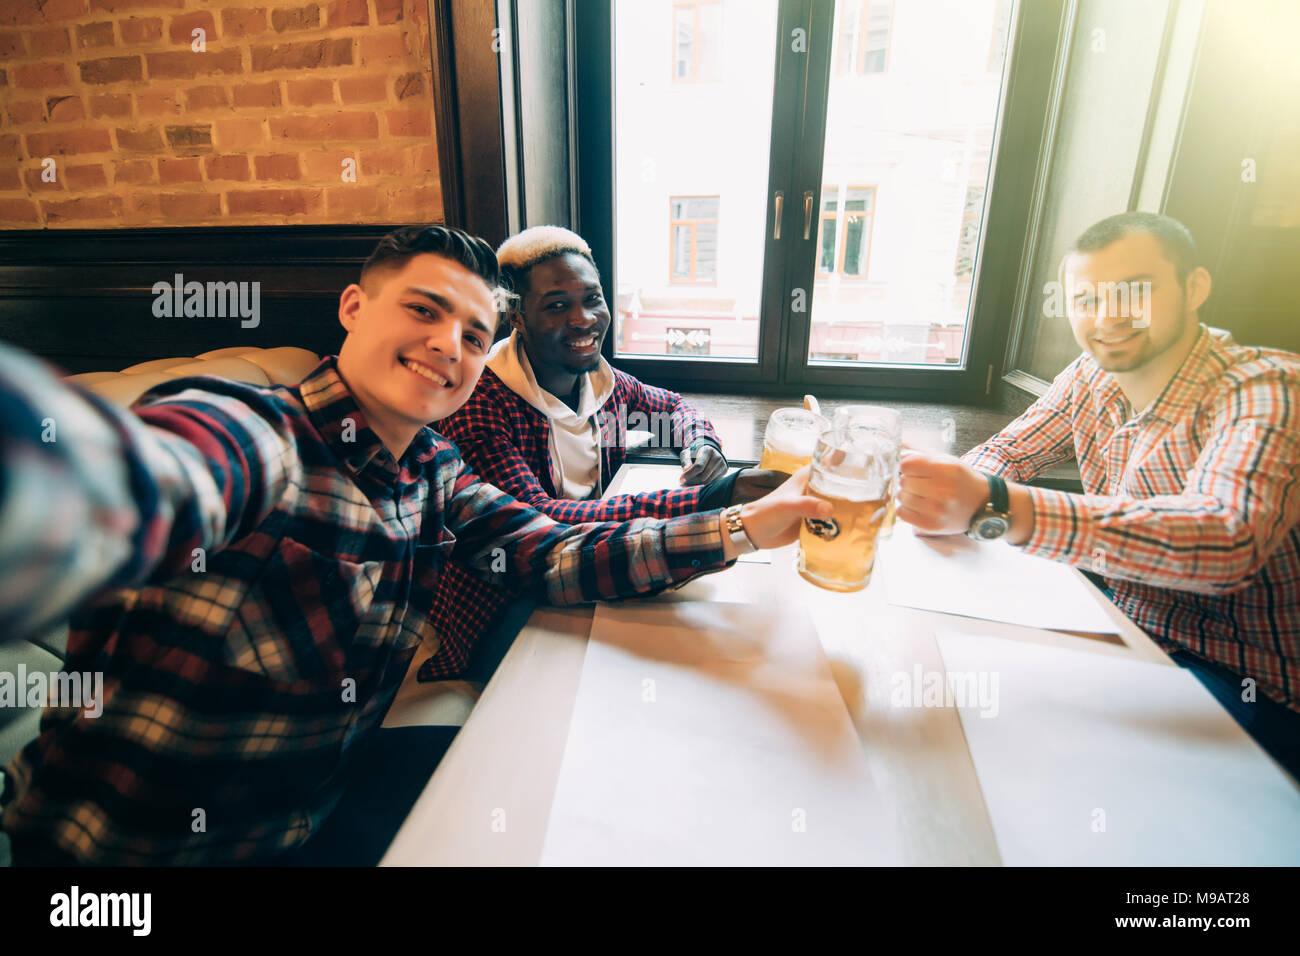 Persone, di svago, di amicizia, di tecnologia e di laurea il concetto di partito - happy amici maschi tenendo selfie e bere la birra al bar o pub Immagini Stock